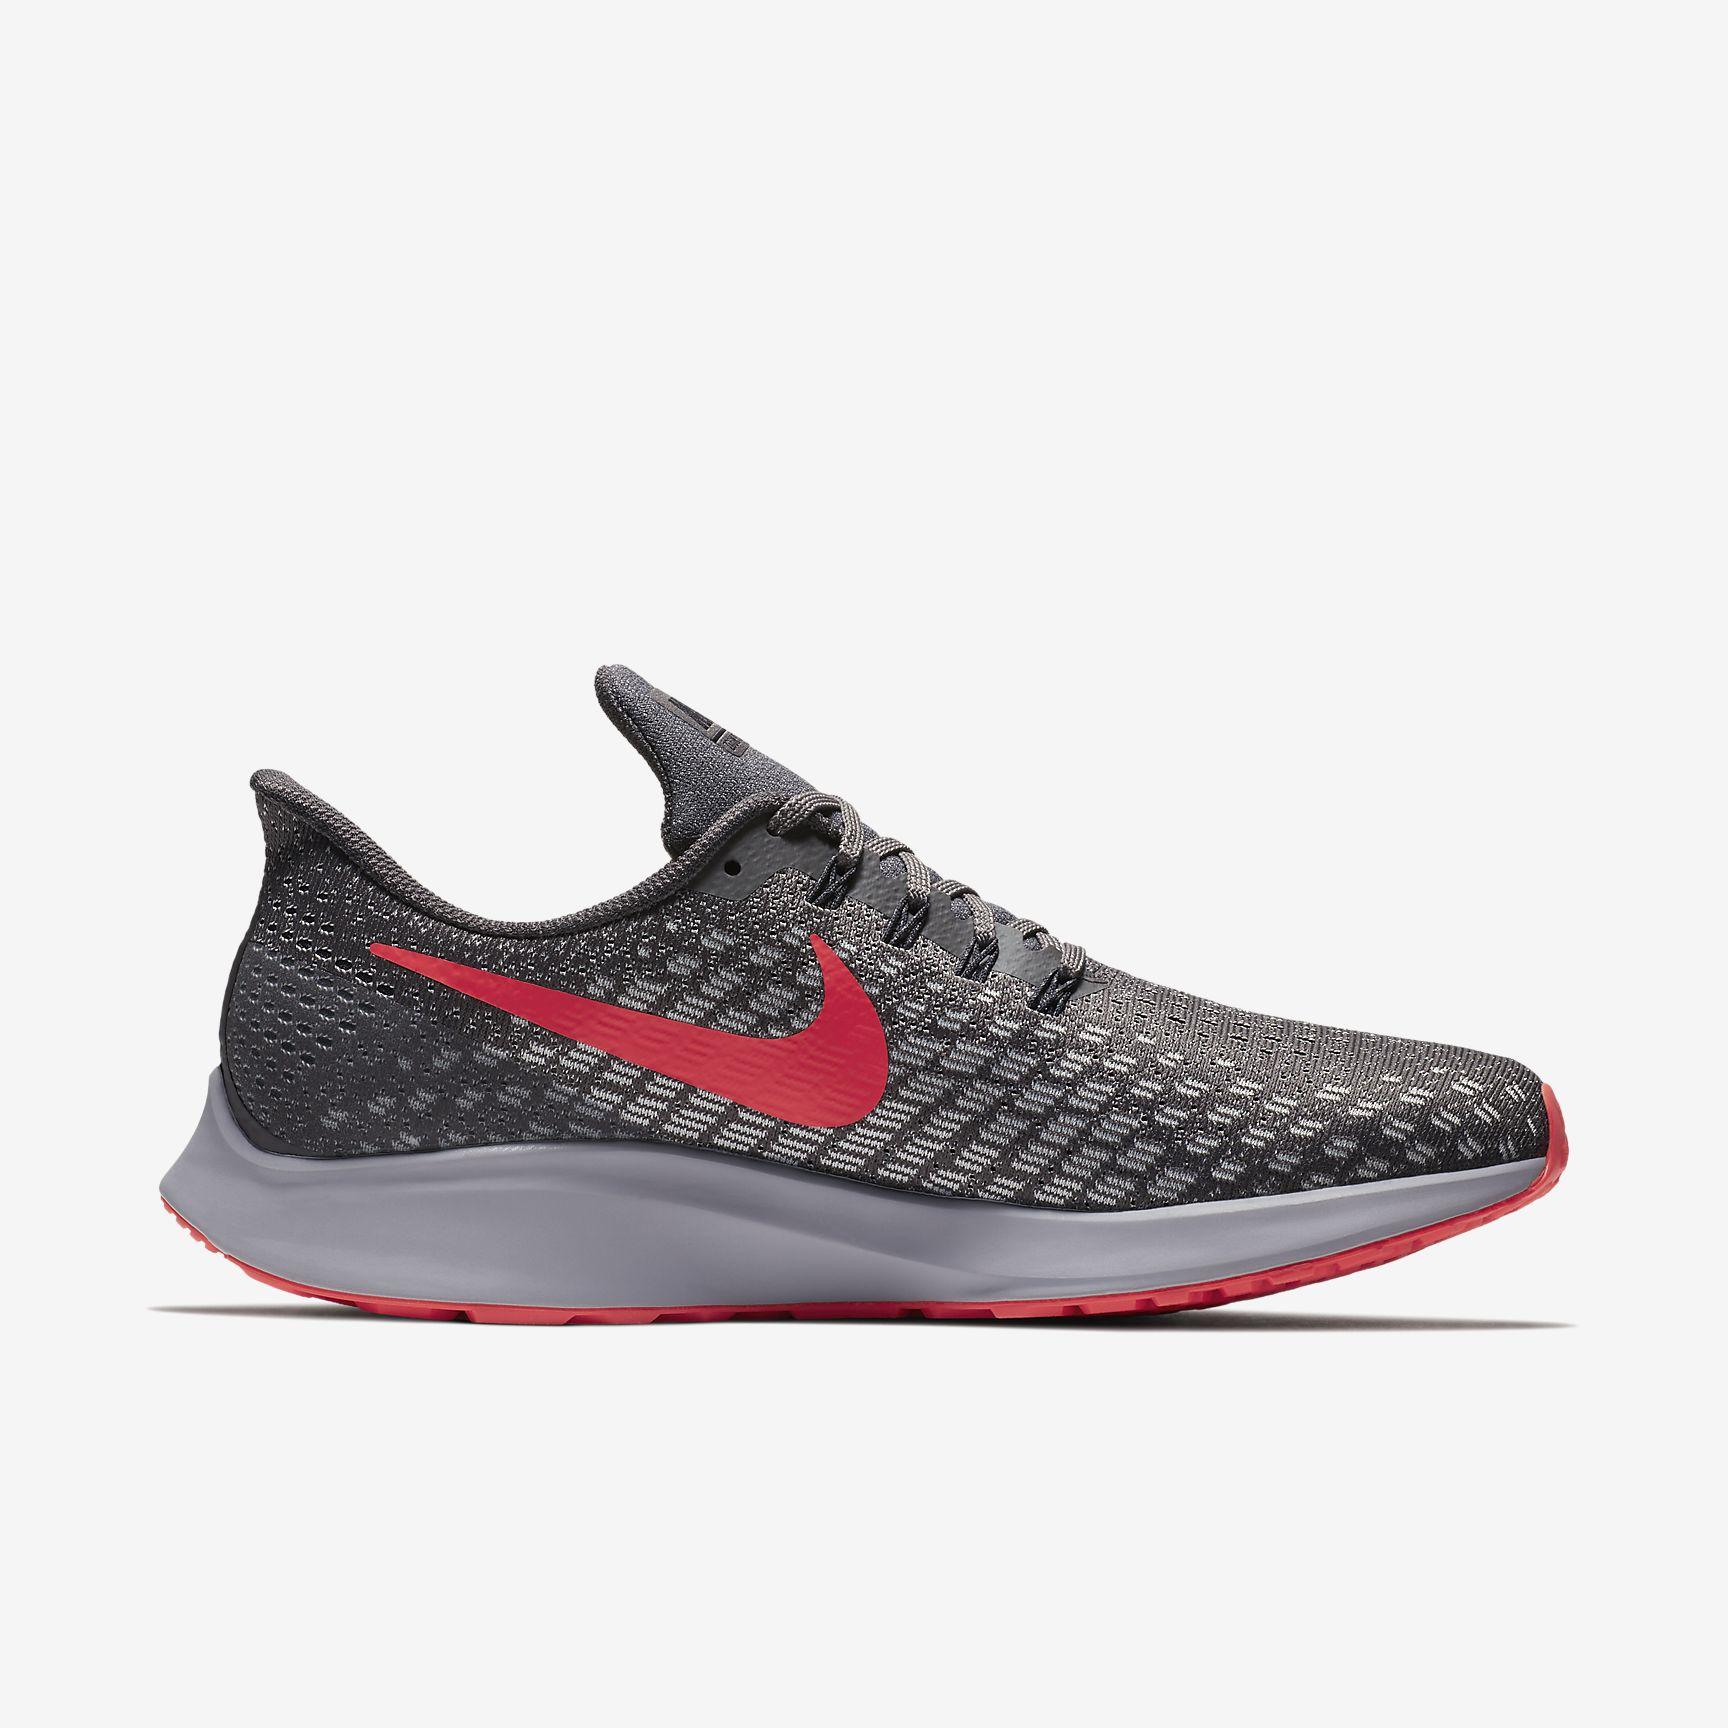 [Ebay] Nike Air Zoom Pegasus 35 Herren-Laufschuh für 79,99€ inkl. VSK in Schwarz und Thunder Grey - alle Größen